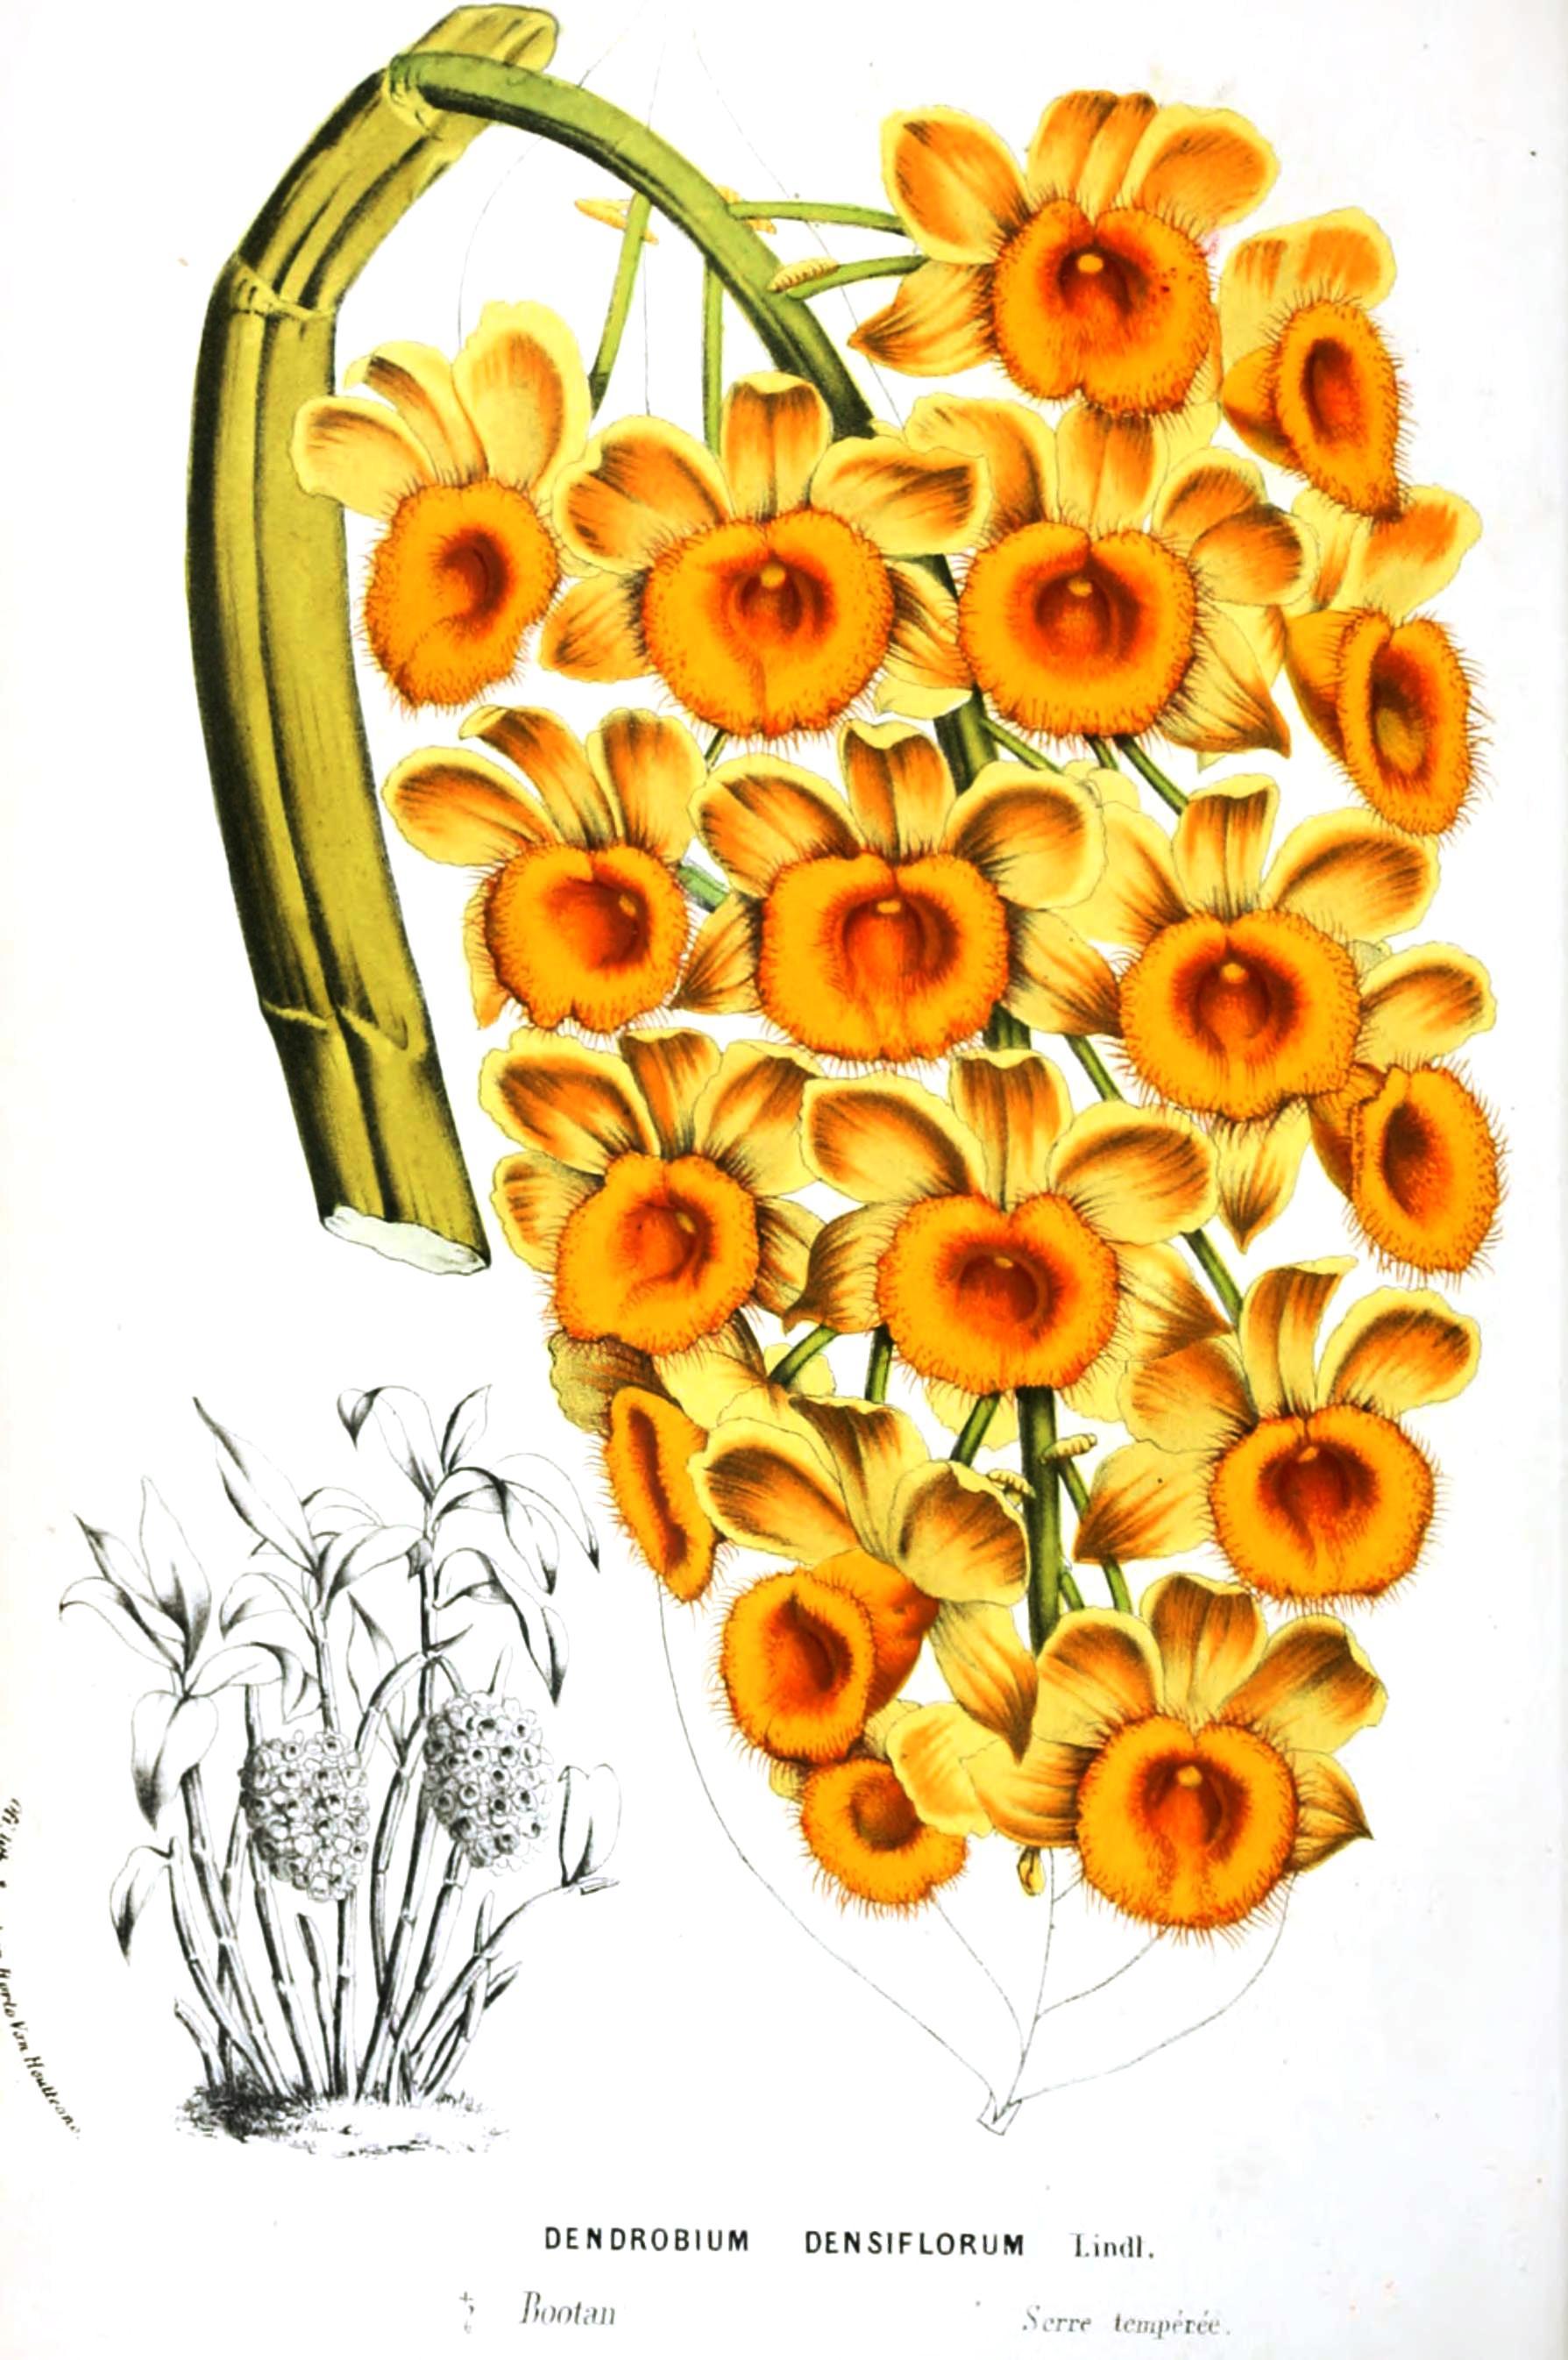 Botanical-Flore-des-Seres-et-Des-Jardins-de-LEurope-Dendrobium